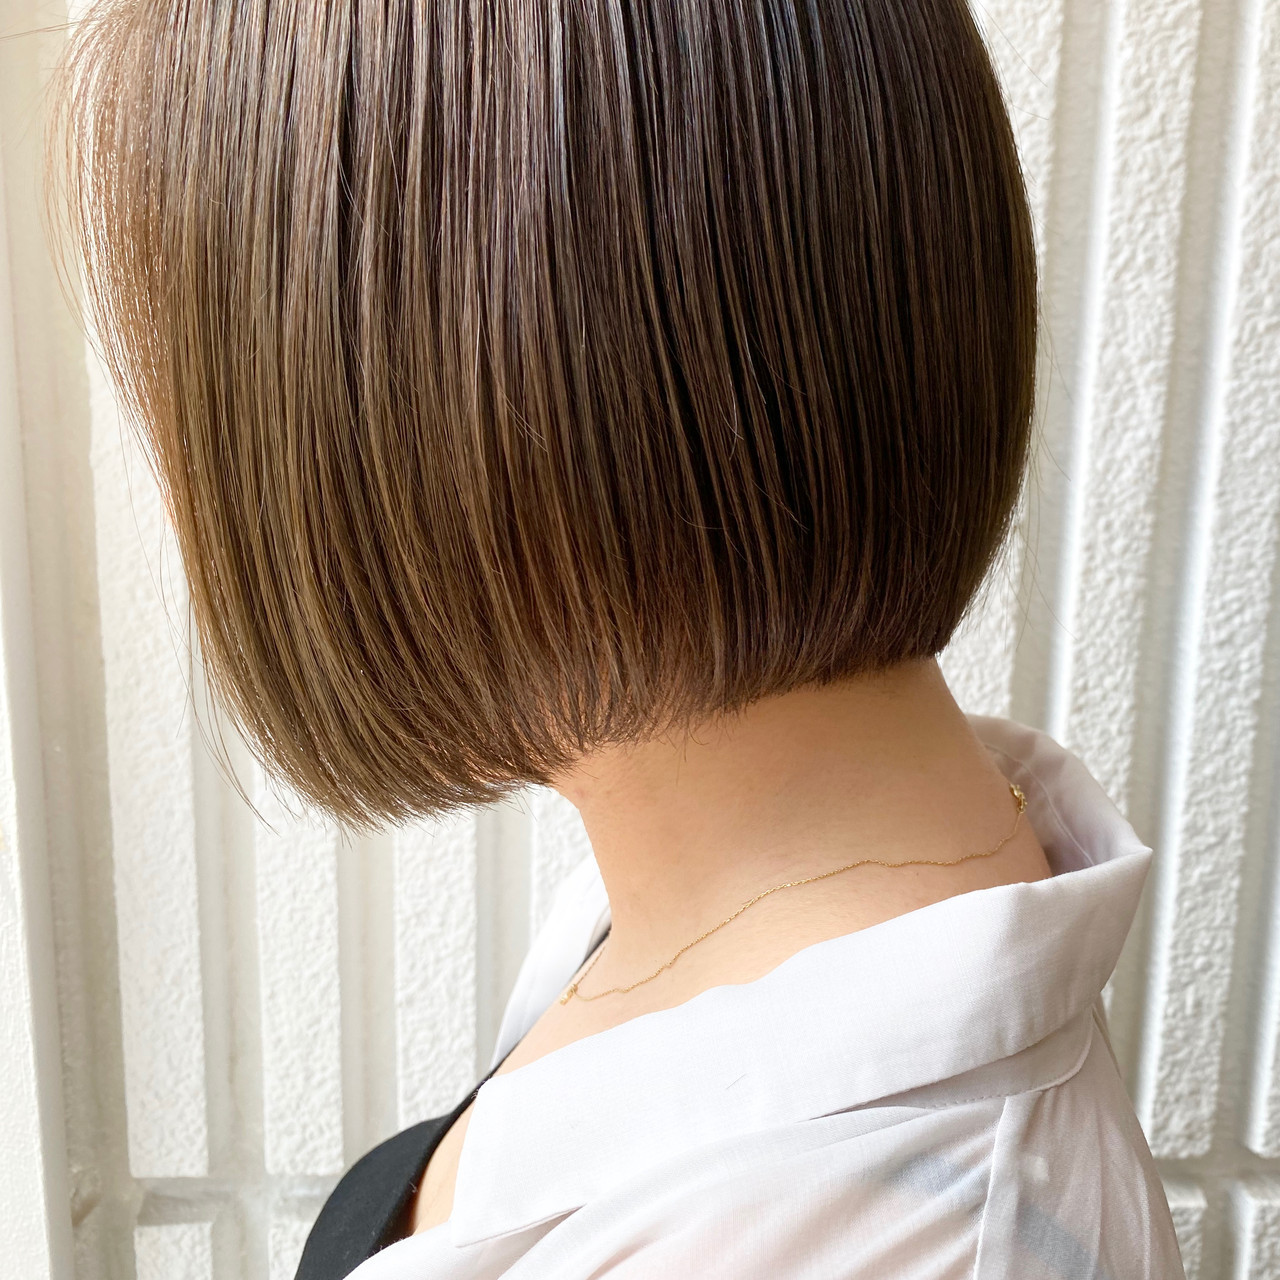 ショートボブ ベージュ ボブ 前下がりボブ ヘアスタイルや髪型の写真・画像